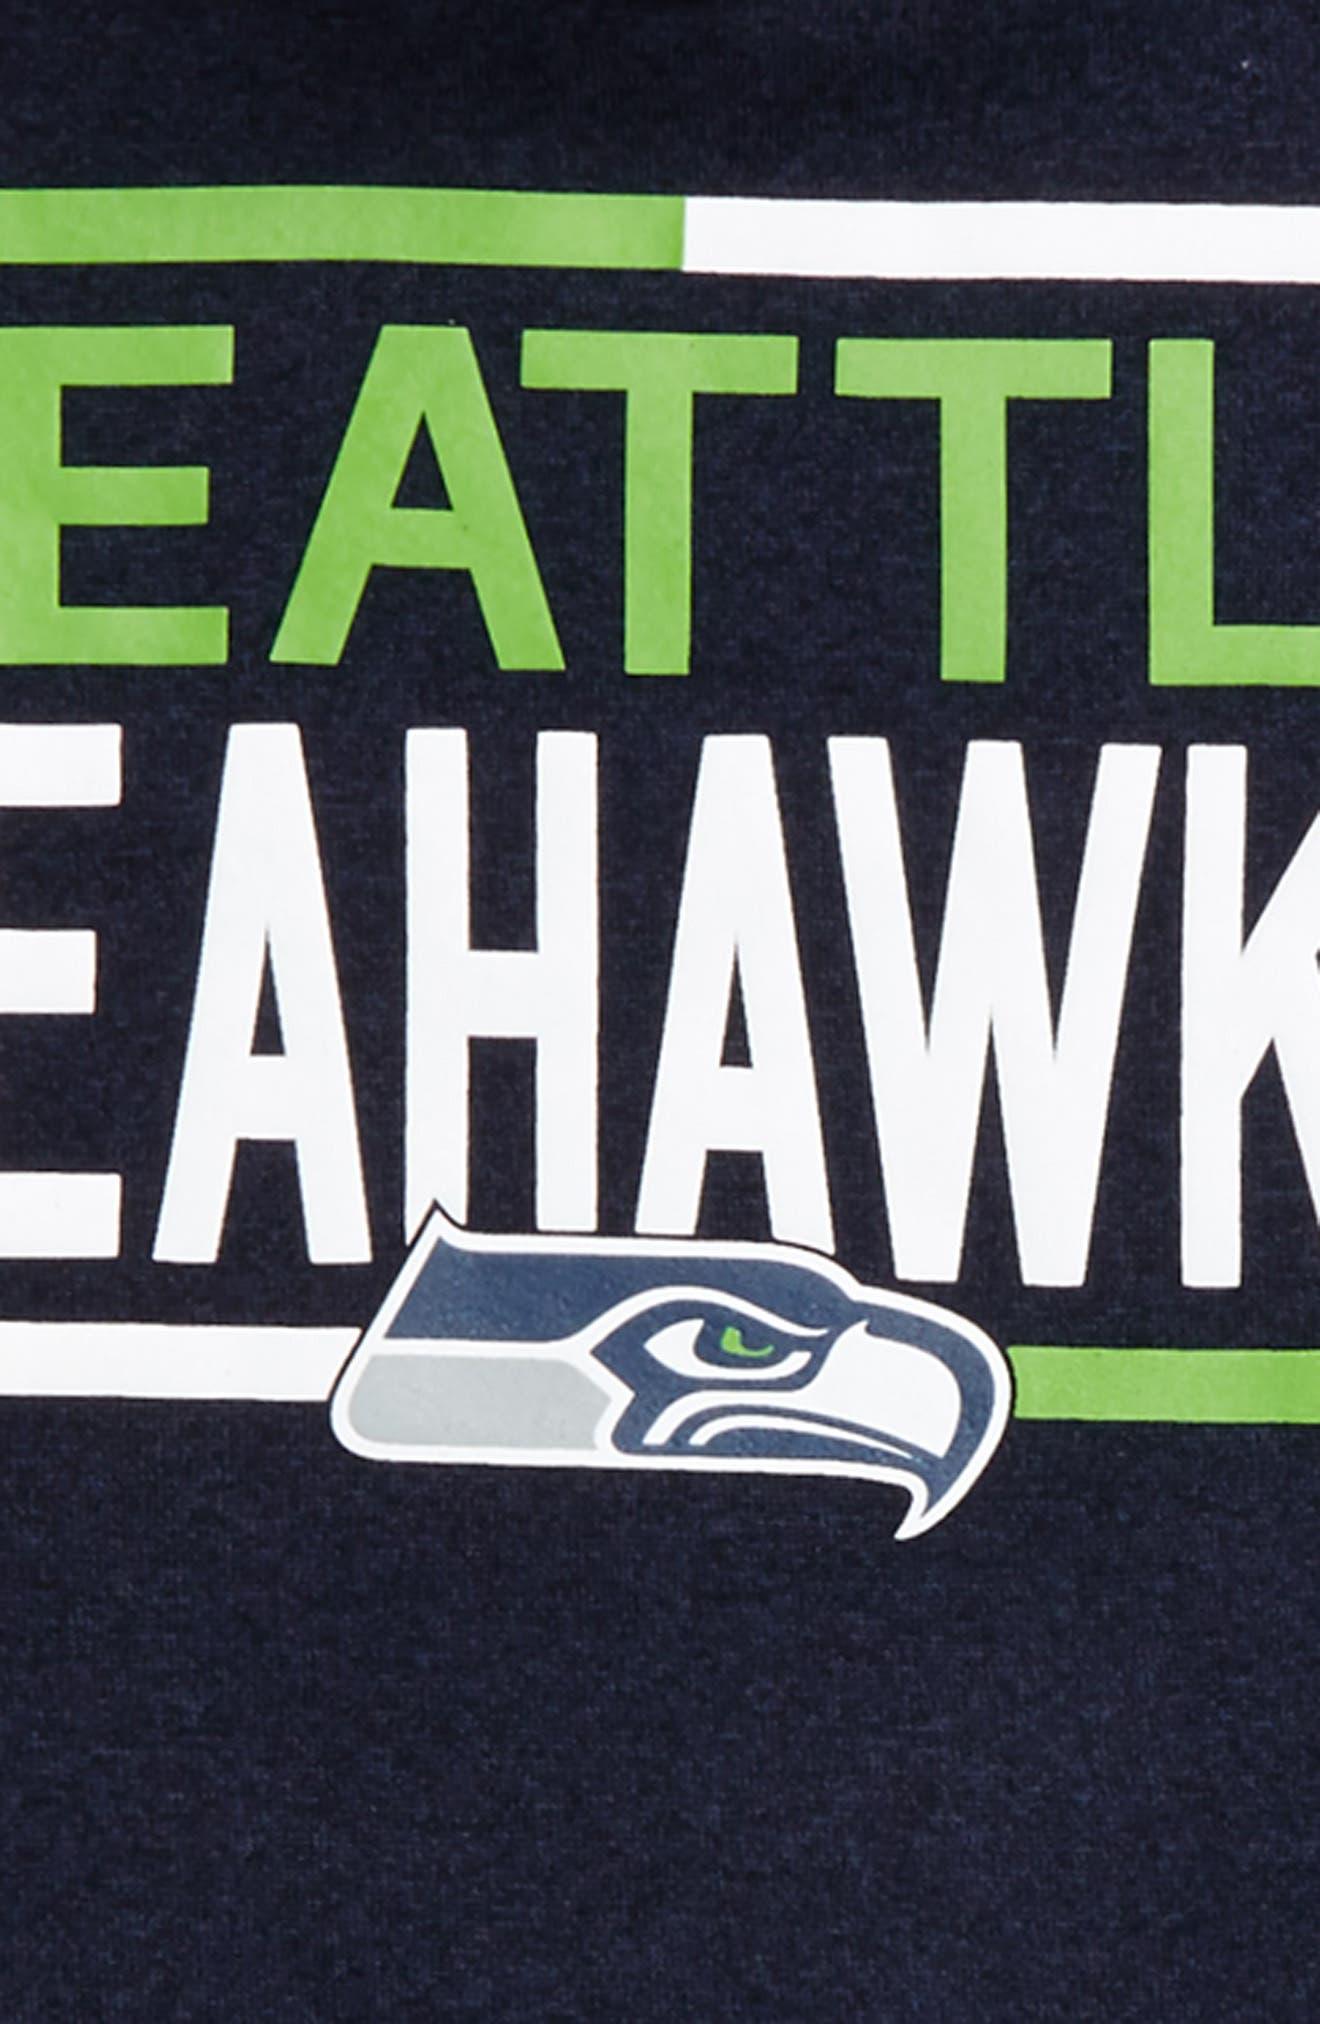 Alternate Image 2  - Outerstuff NFL Seattle Seahawks Hoodie (Big Girls)